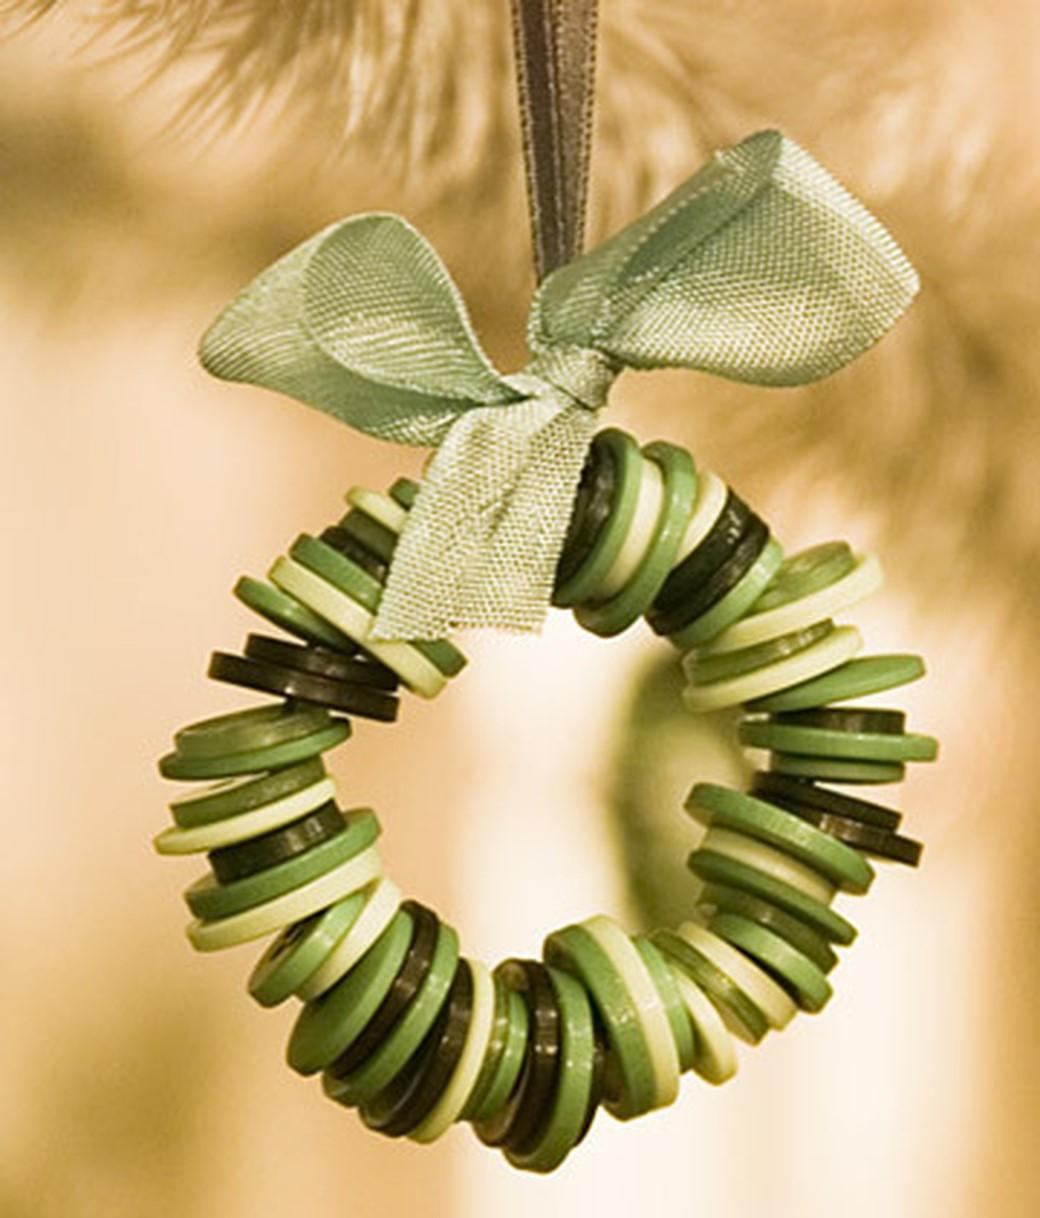 adornos de Navidad caseros - Corona de botones